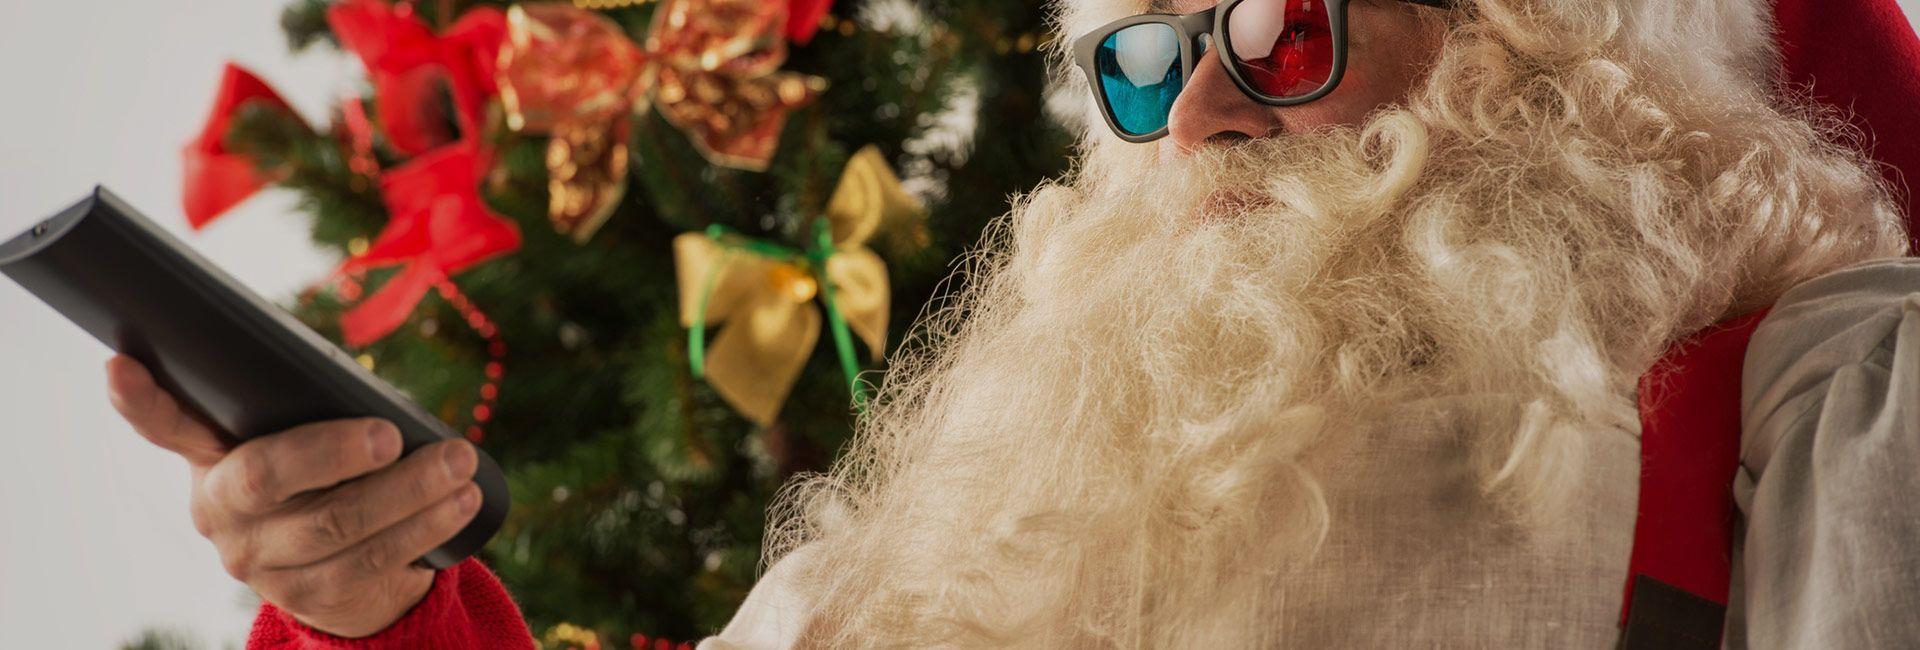 christmassy movie